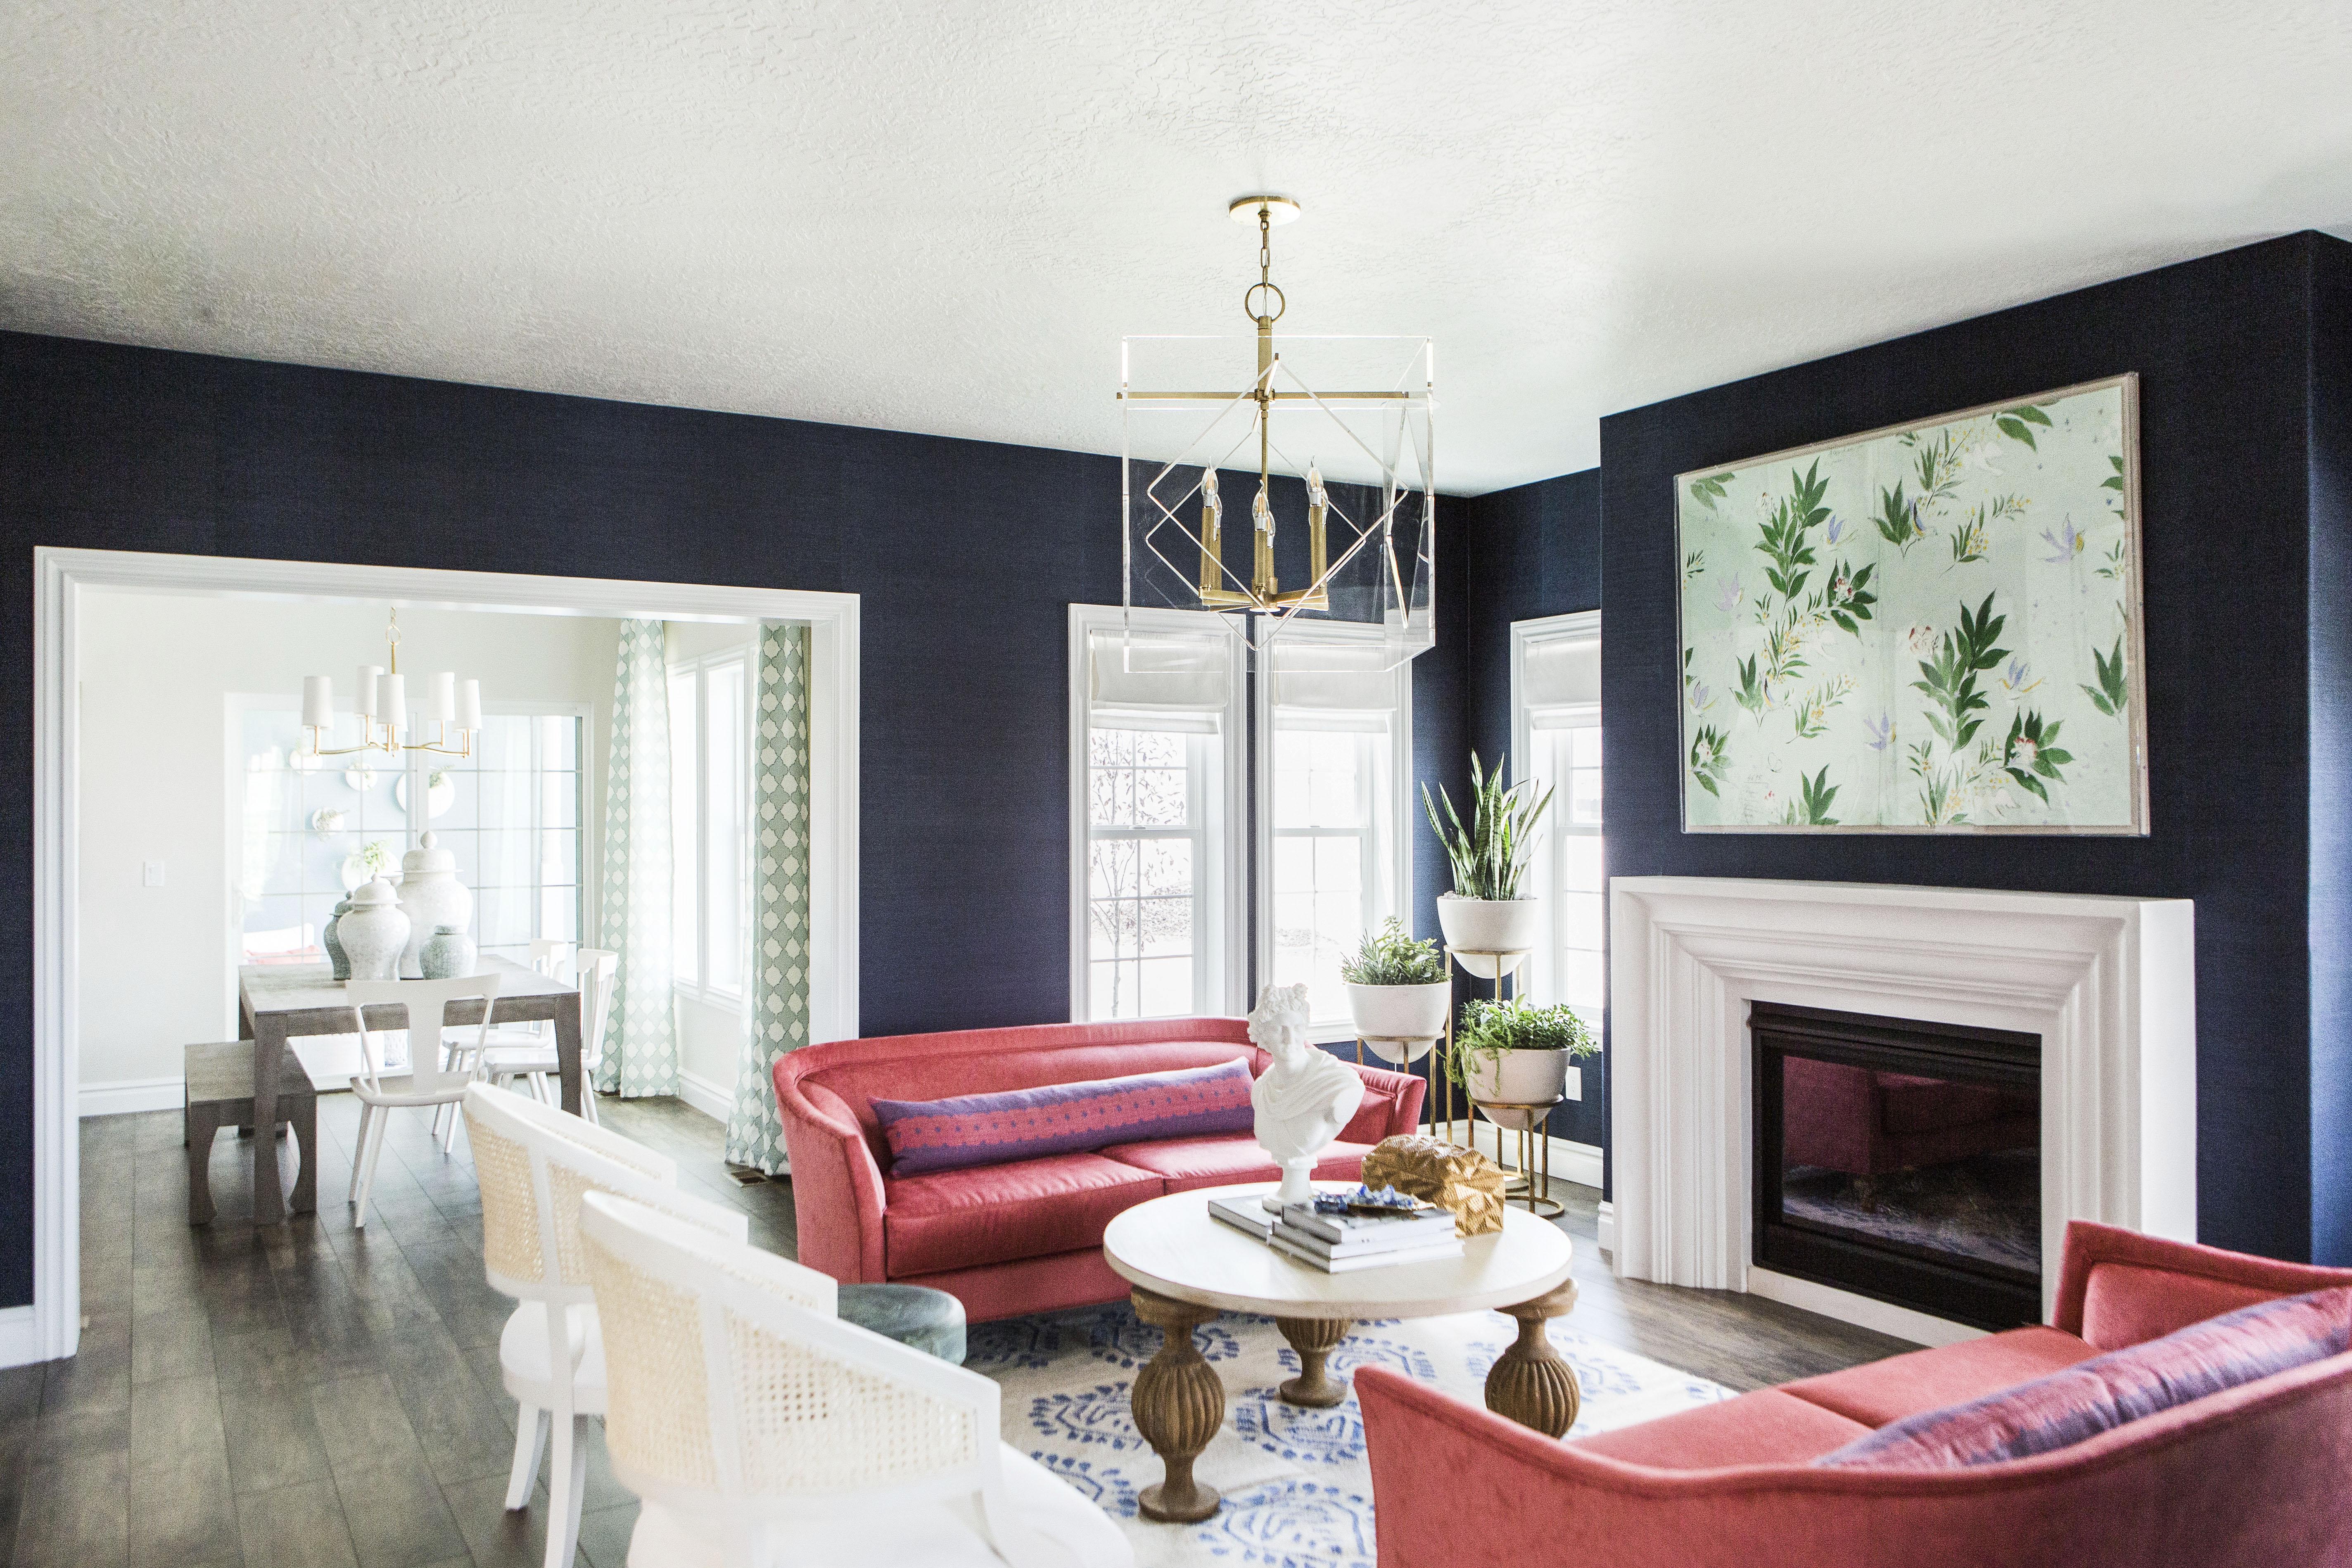 Sitting Room Design Images